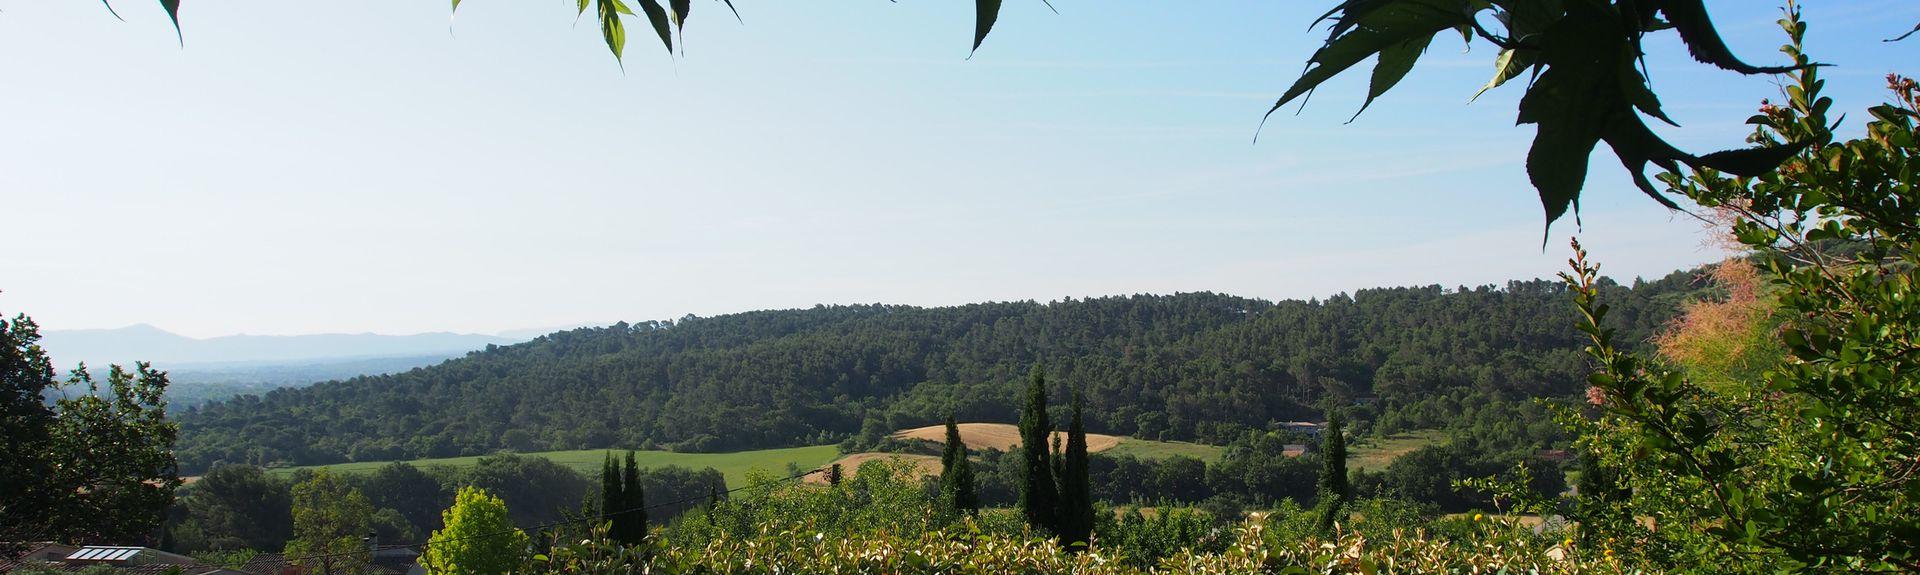 Jouques, Provence-Alpes-Côte d'Azur, France